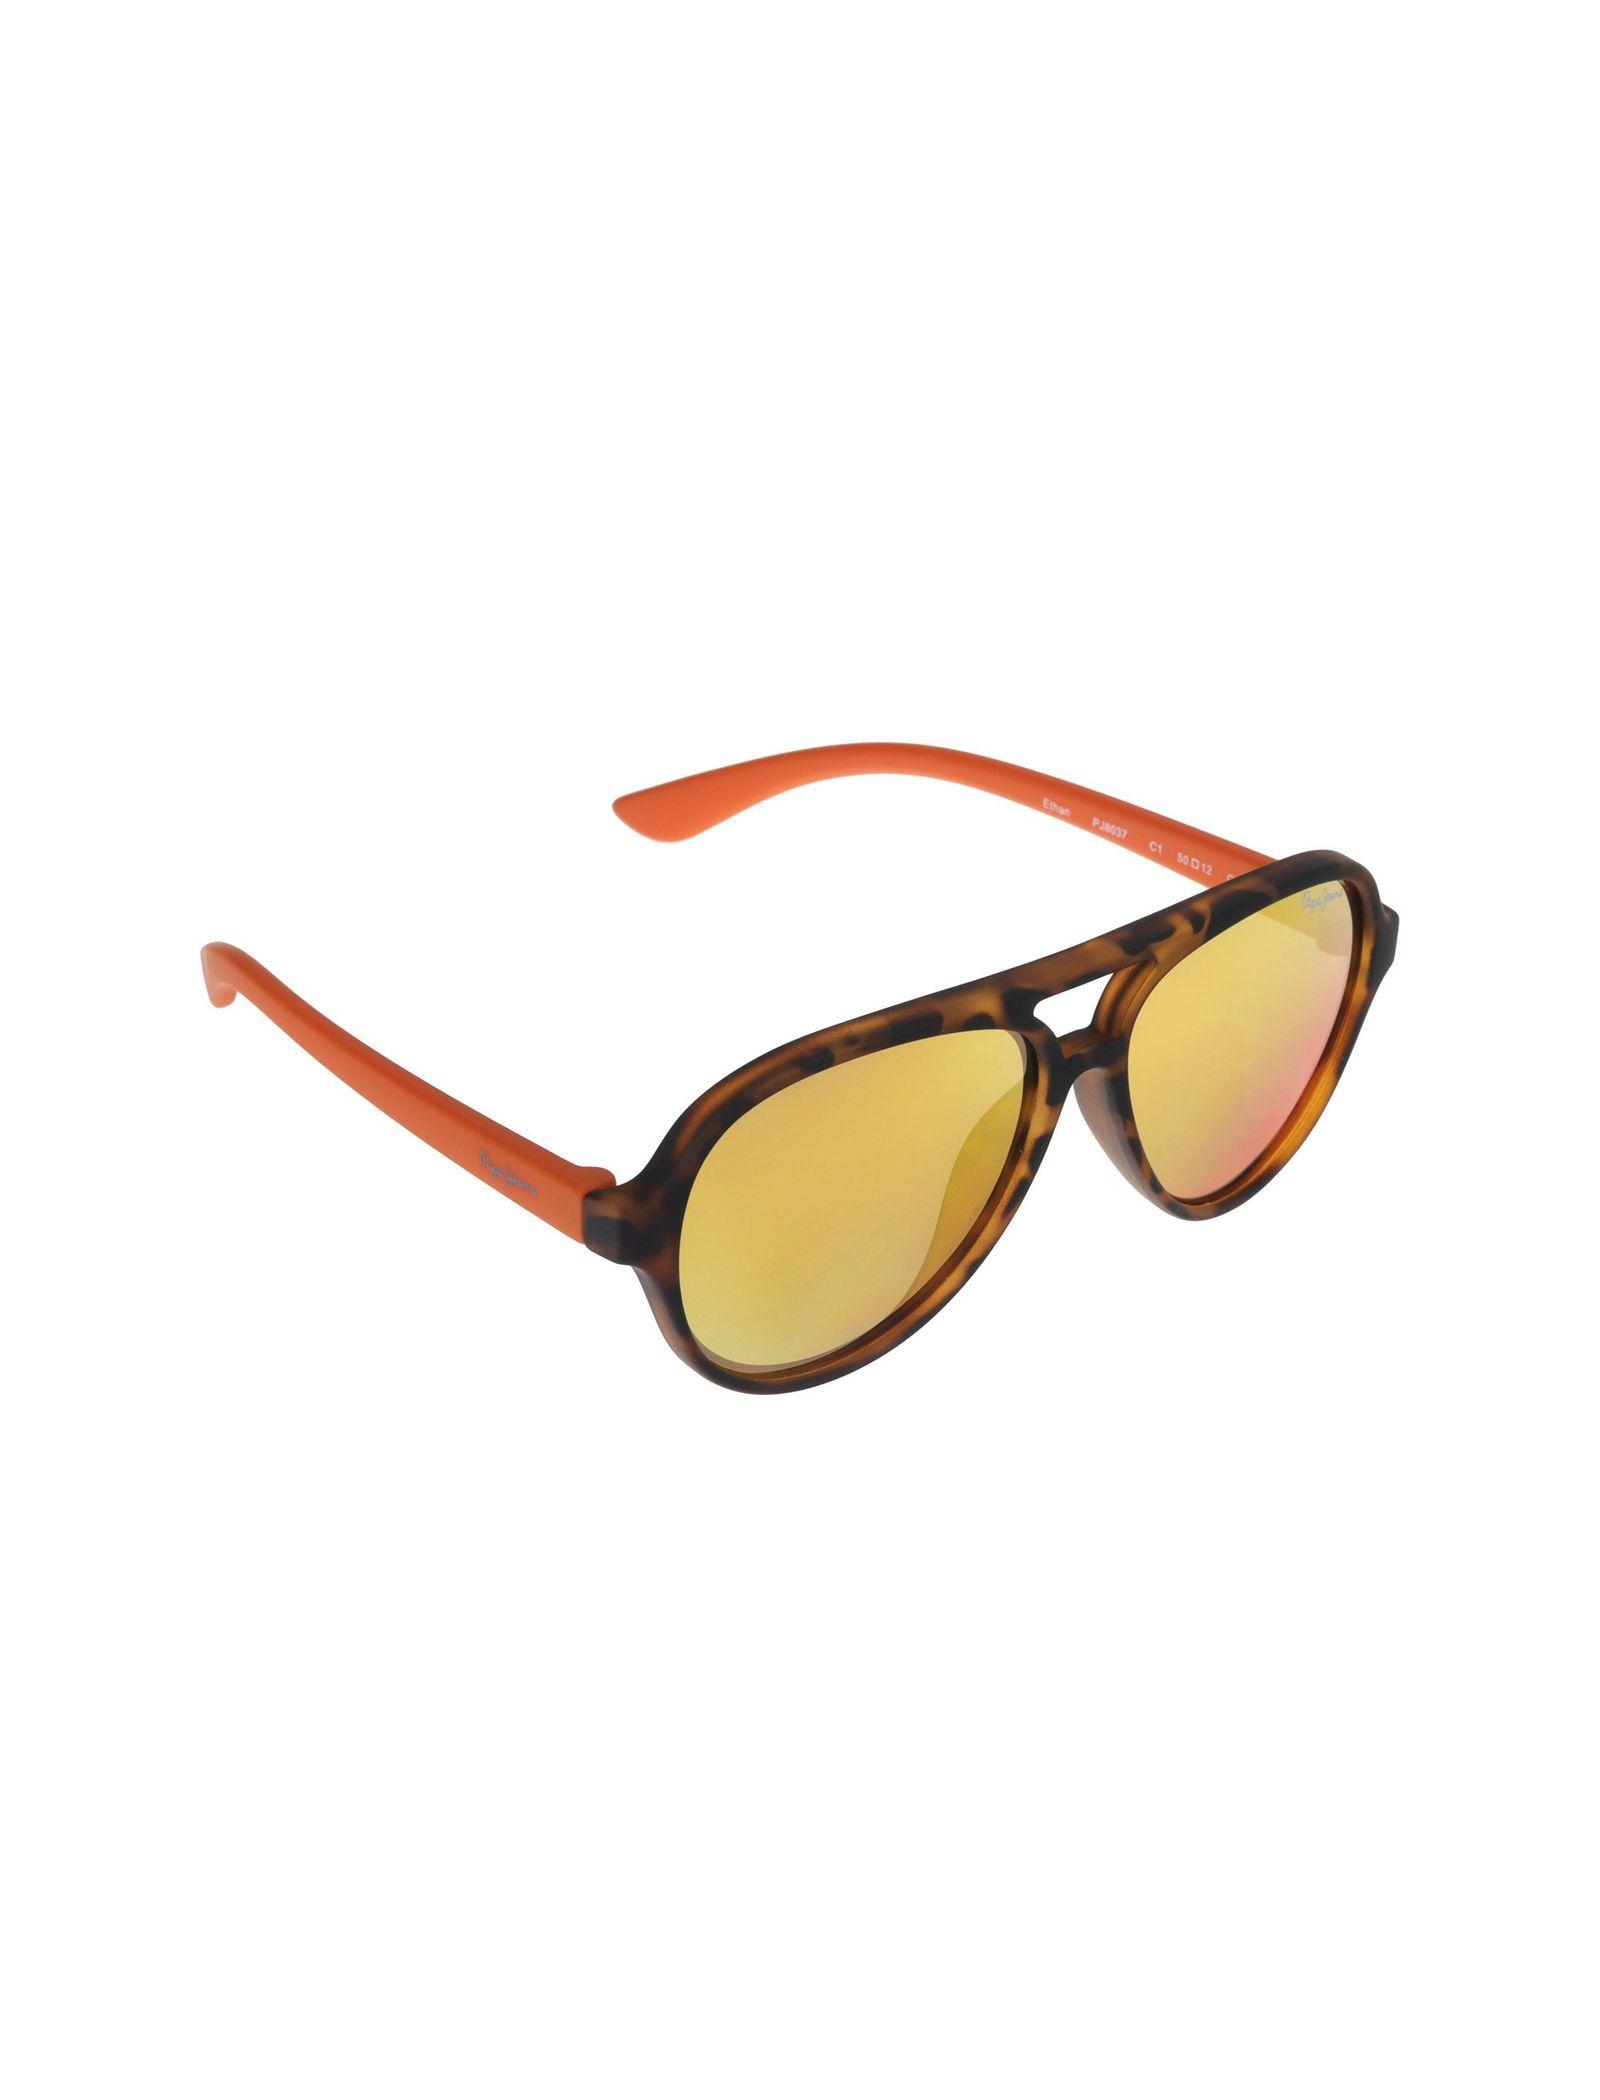 عینک آفتابی خلبانی بچگانه - پپه جینز - قهوه اي و نارنجي - 2